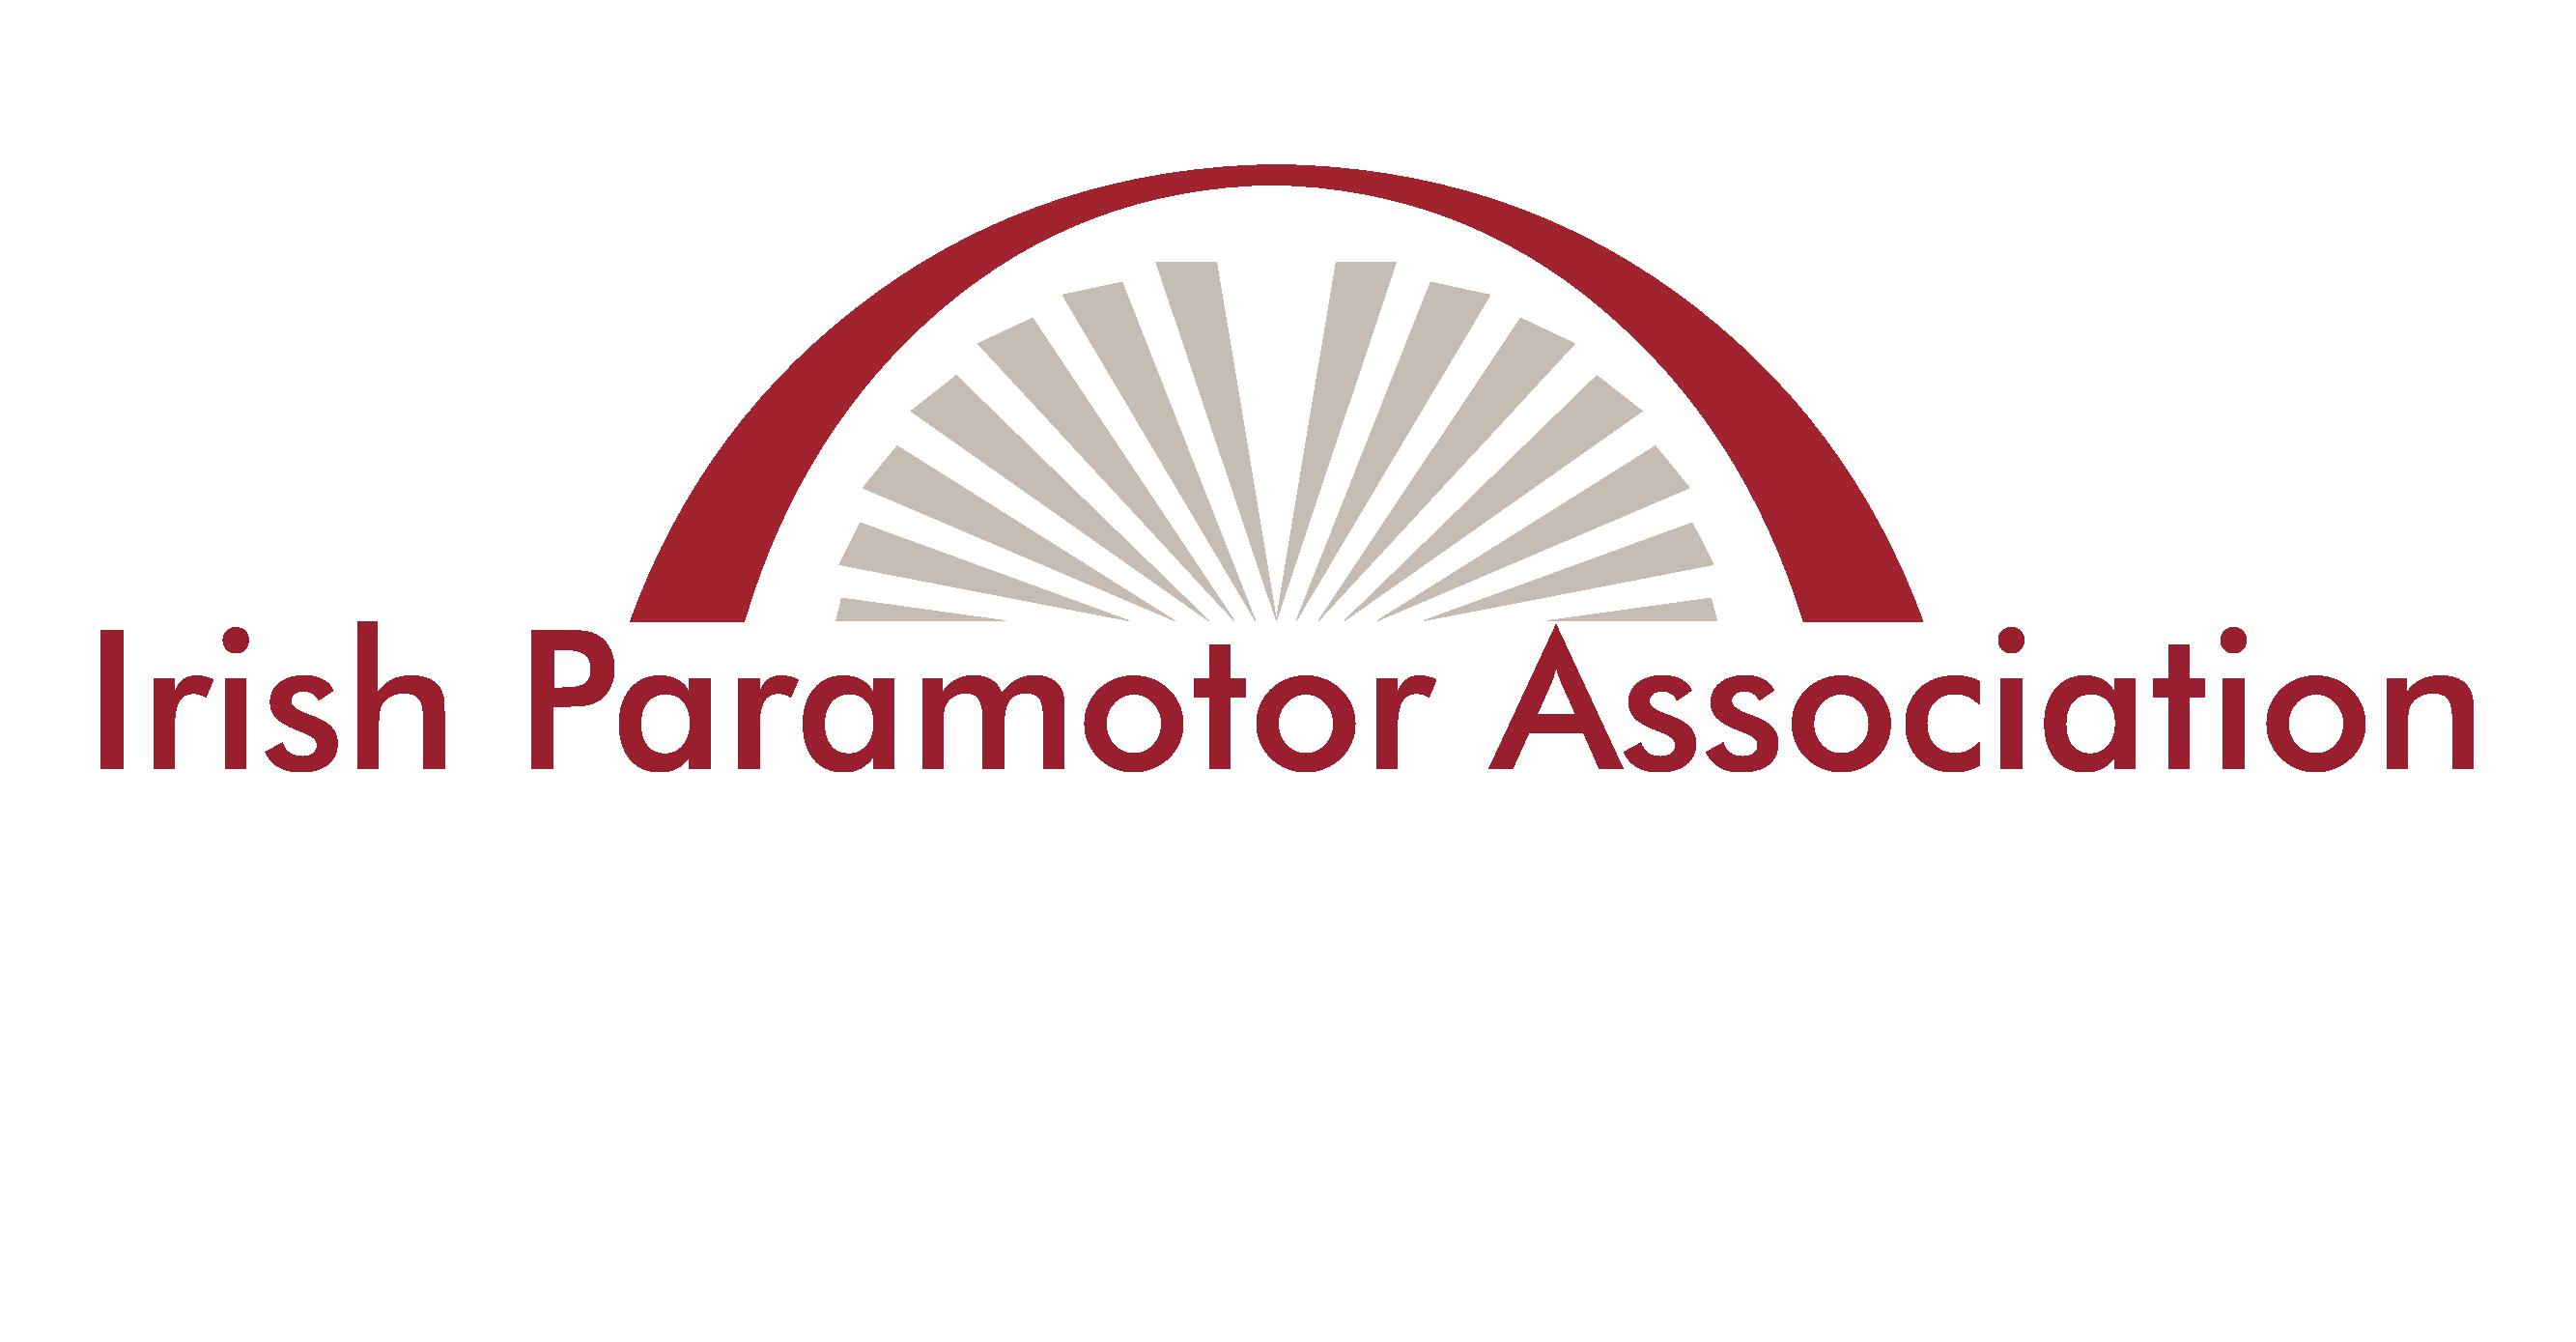 Irish Paramotor Association